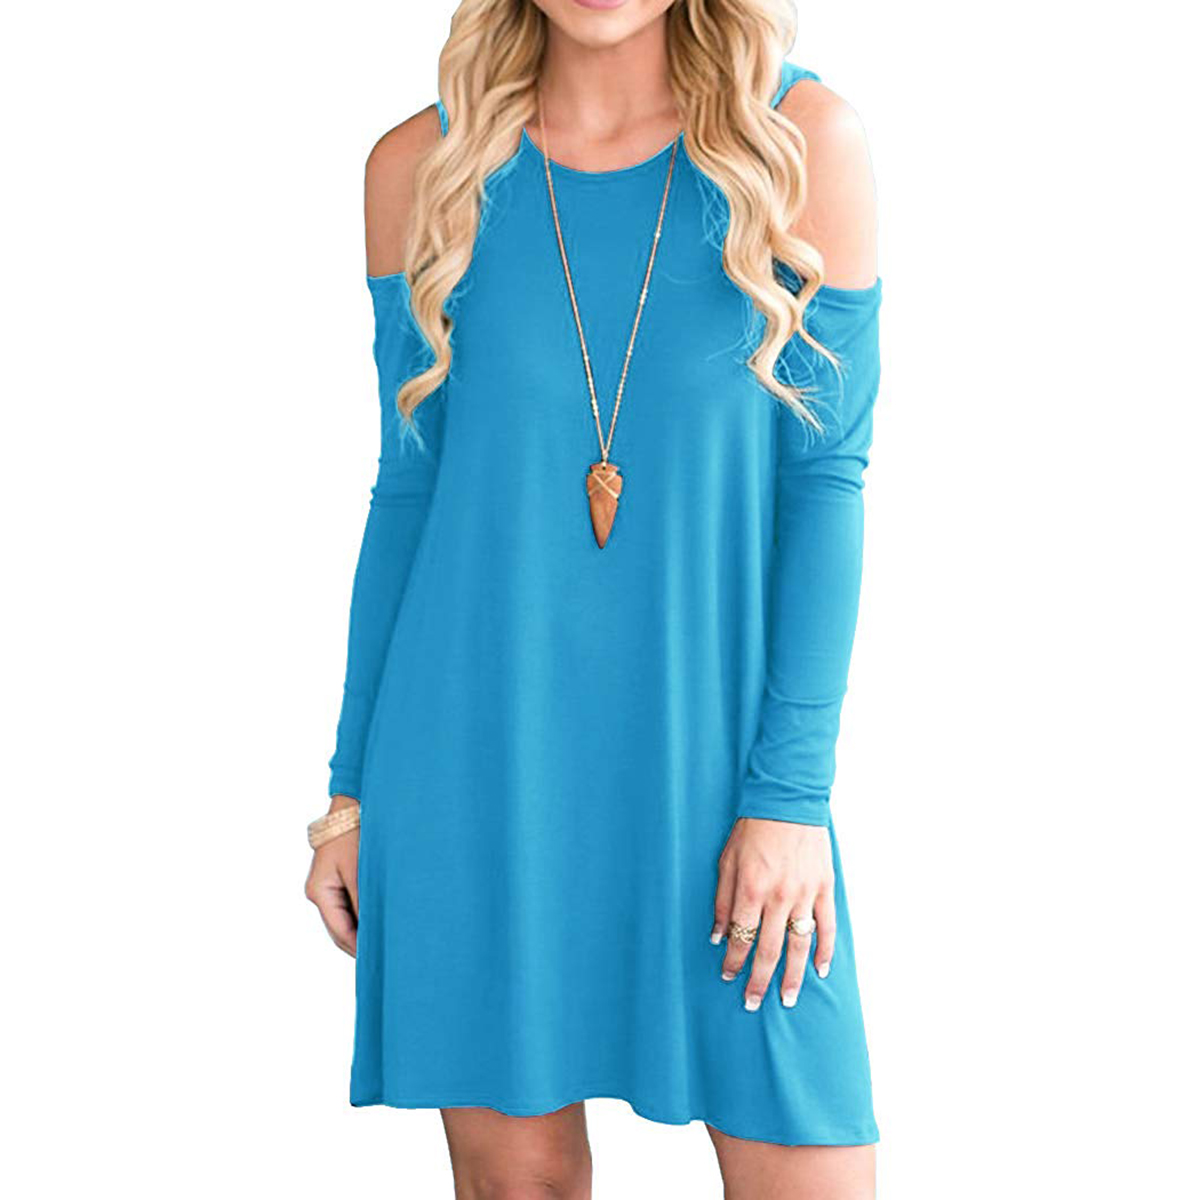 qixing dress blue